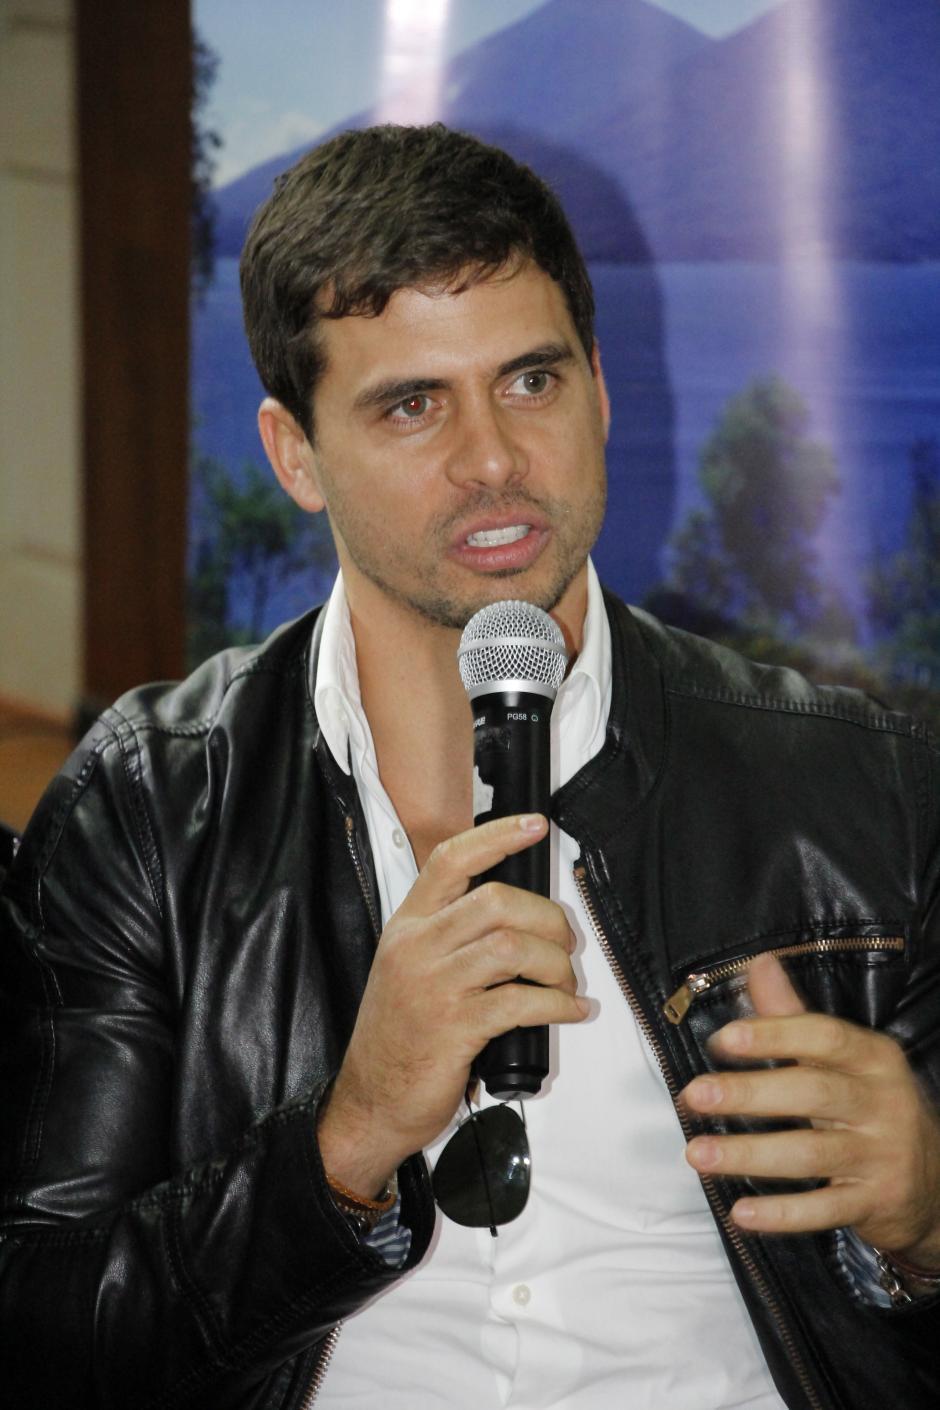 El actor Pedro Moreno dijo sentirse emocionado por estar en el país para darle un toque distinto al melodrama.(Foto: Inguat)